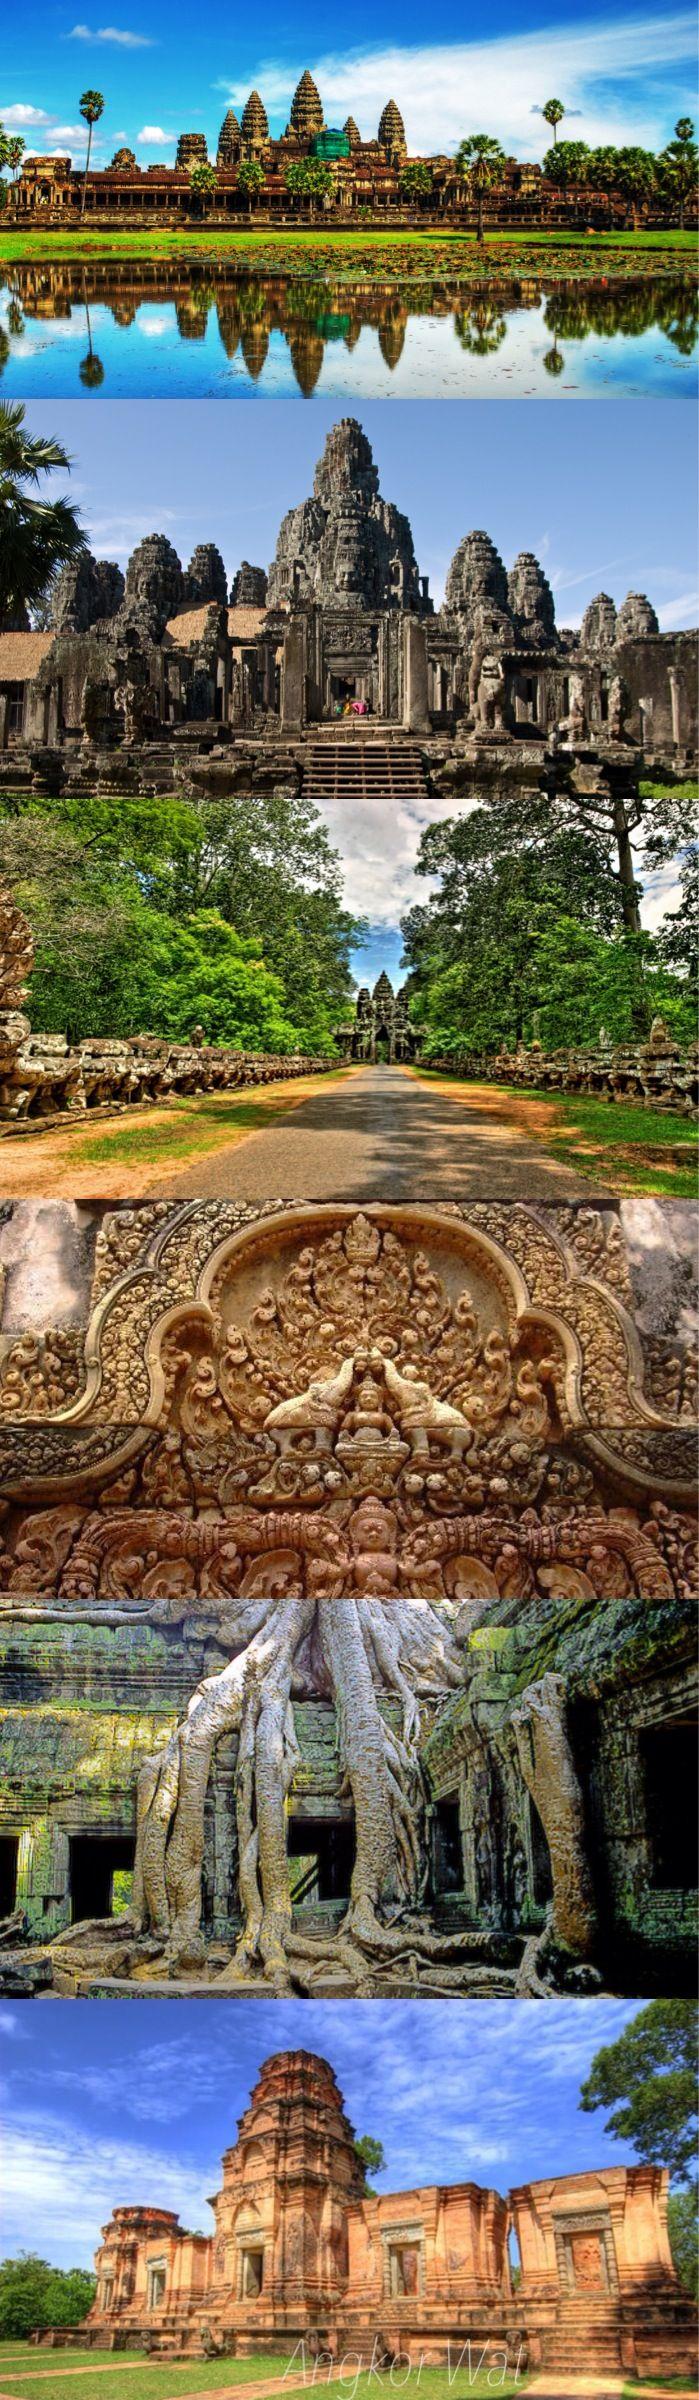 Angkor Wat, construido durante los primeros años del siglo XII por Suryavaram II, honra al dios hindú Vishnu y es una representación simbólica de cosmología hindú. Consistiendo en un enorme templo que simboliza Mt mítico. Meru, sus cinco interanidaron paredes rectangulares y fosos representan las cadenas de montañas y el océano cósmico.